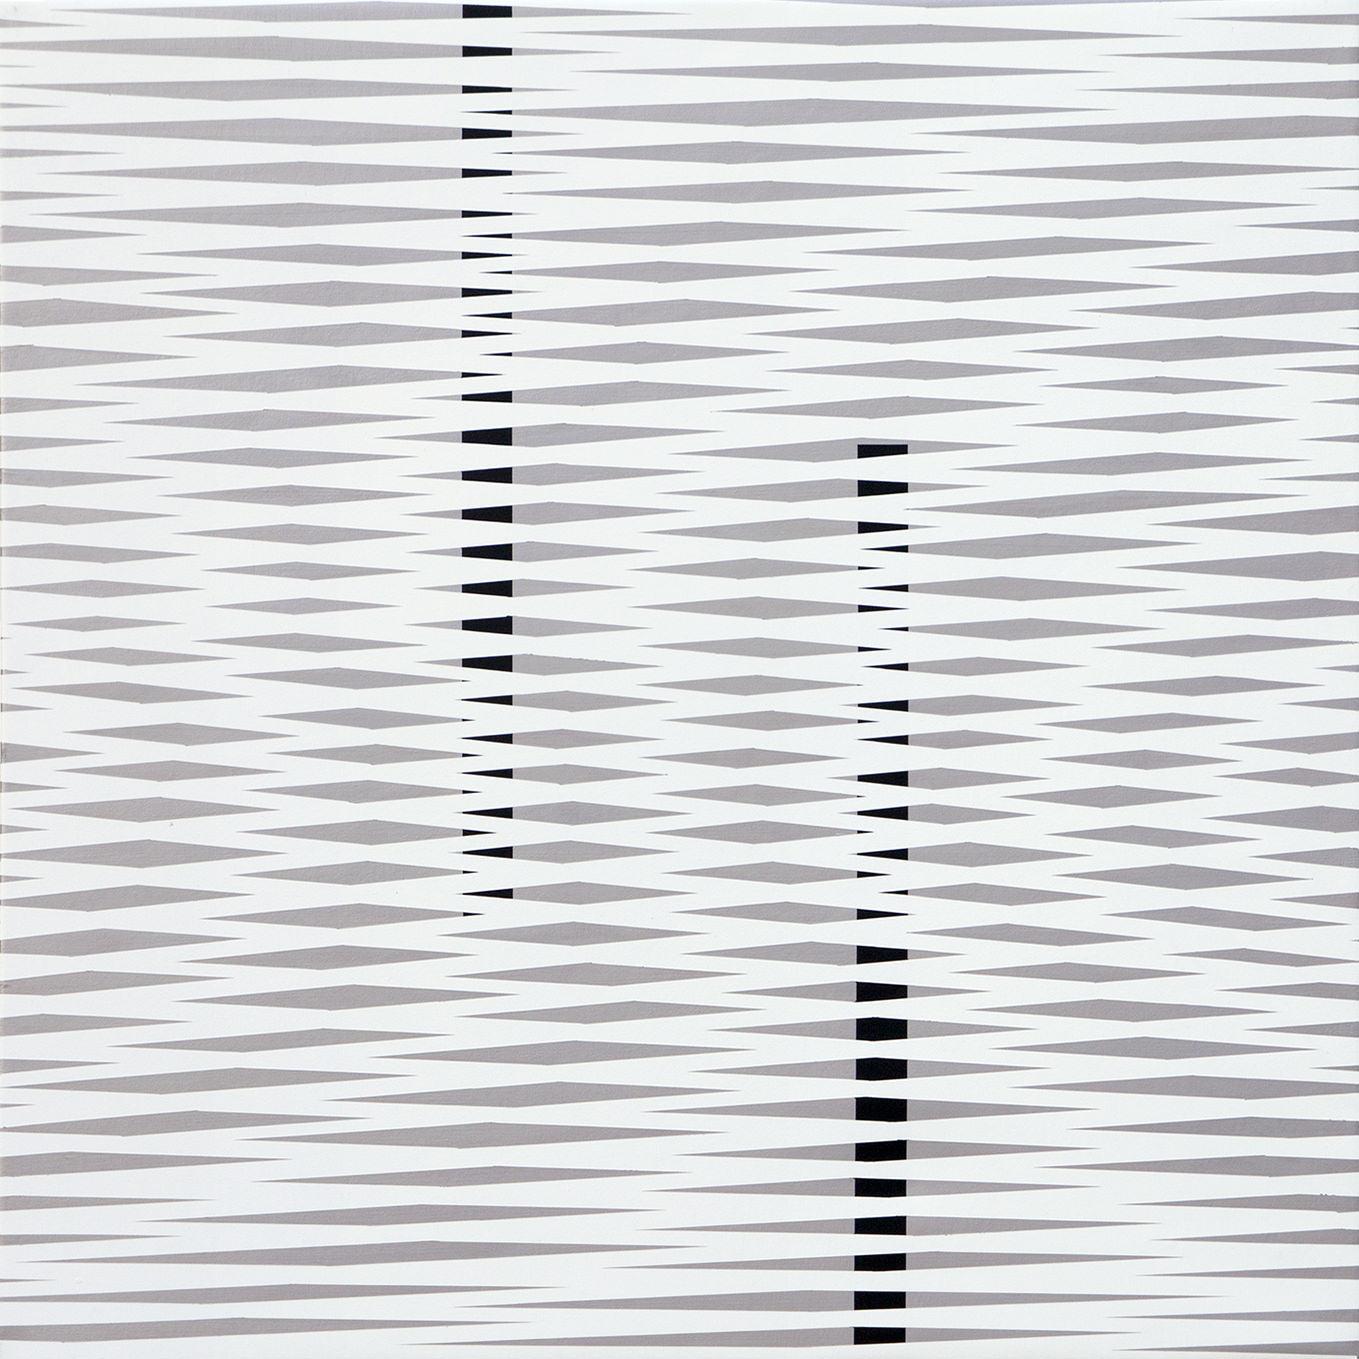 Plac 2018, acrylic on canvas, 70 x 70 cm